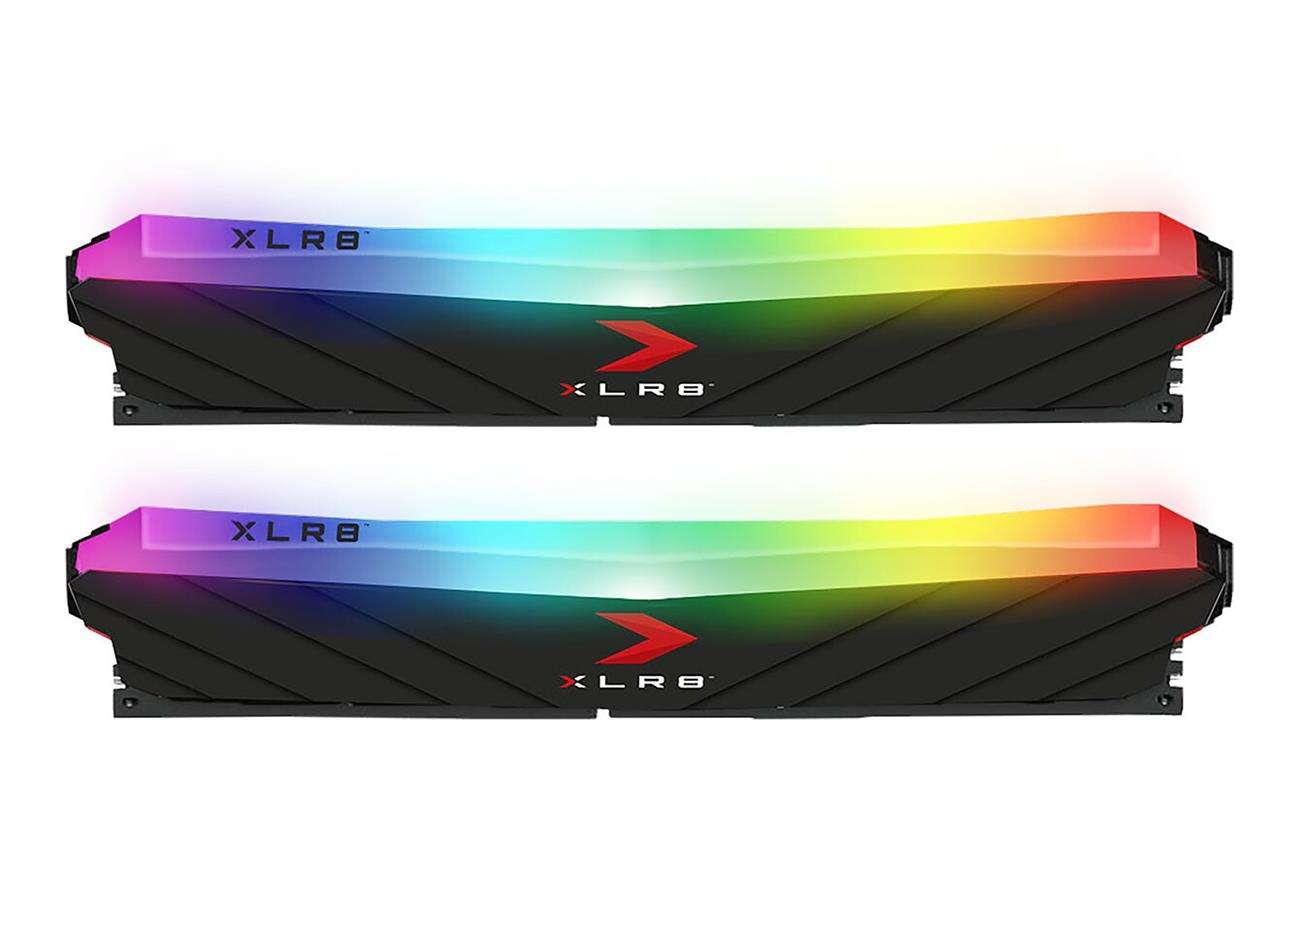 specyfikacja PNY XLR8 Gaming EPIC-X RGB DDR4 3600 MHz